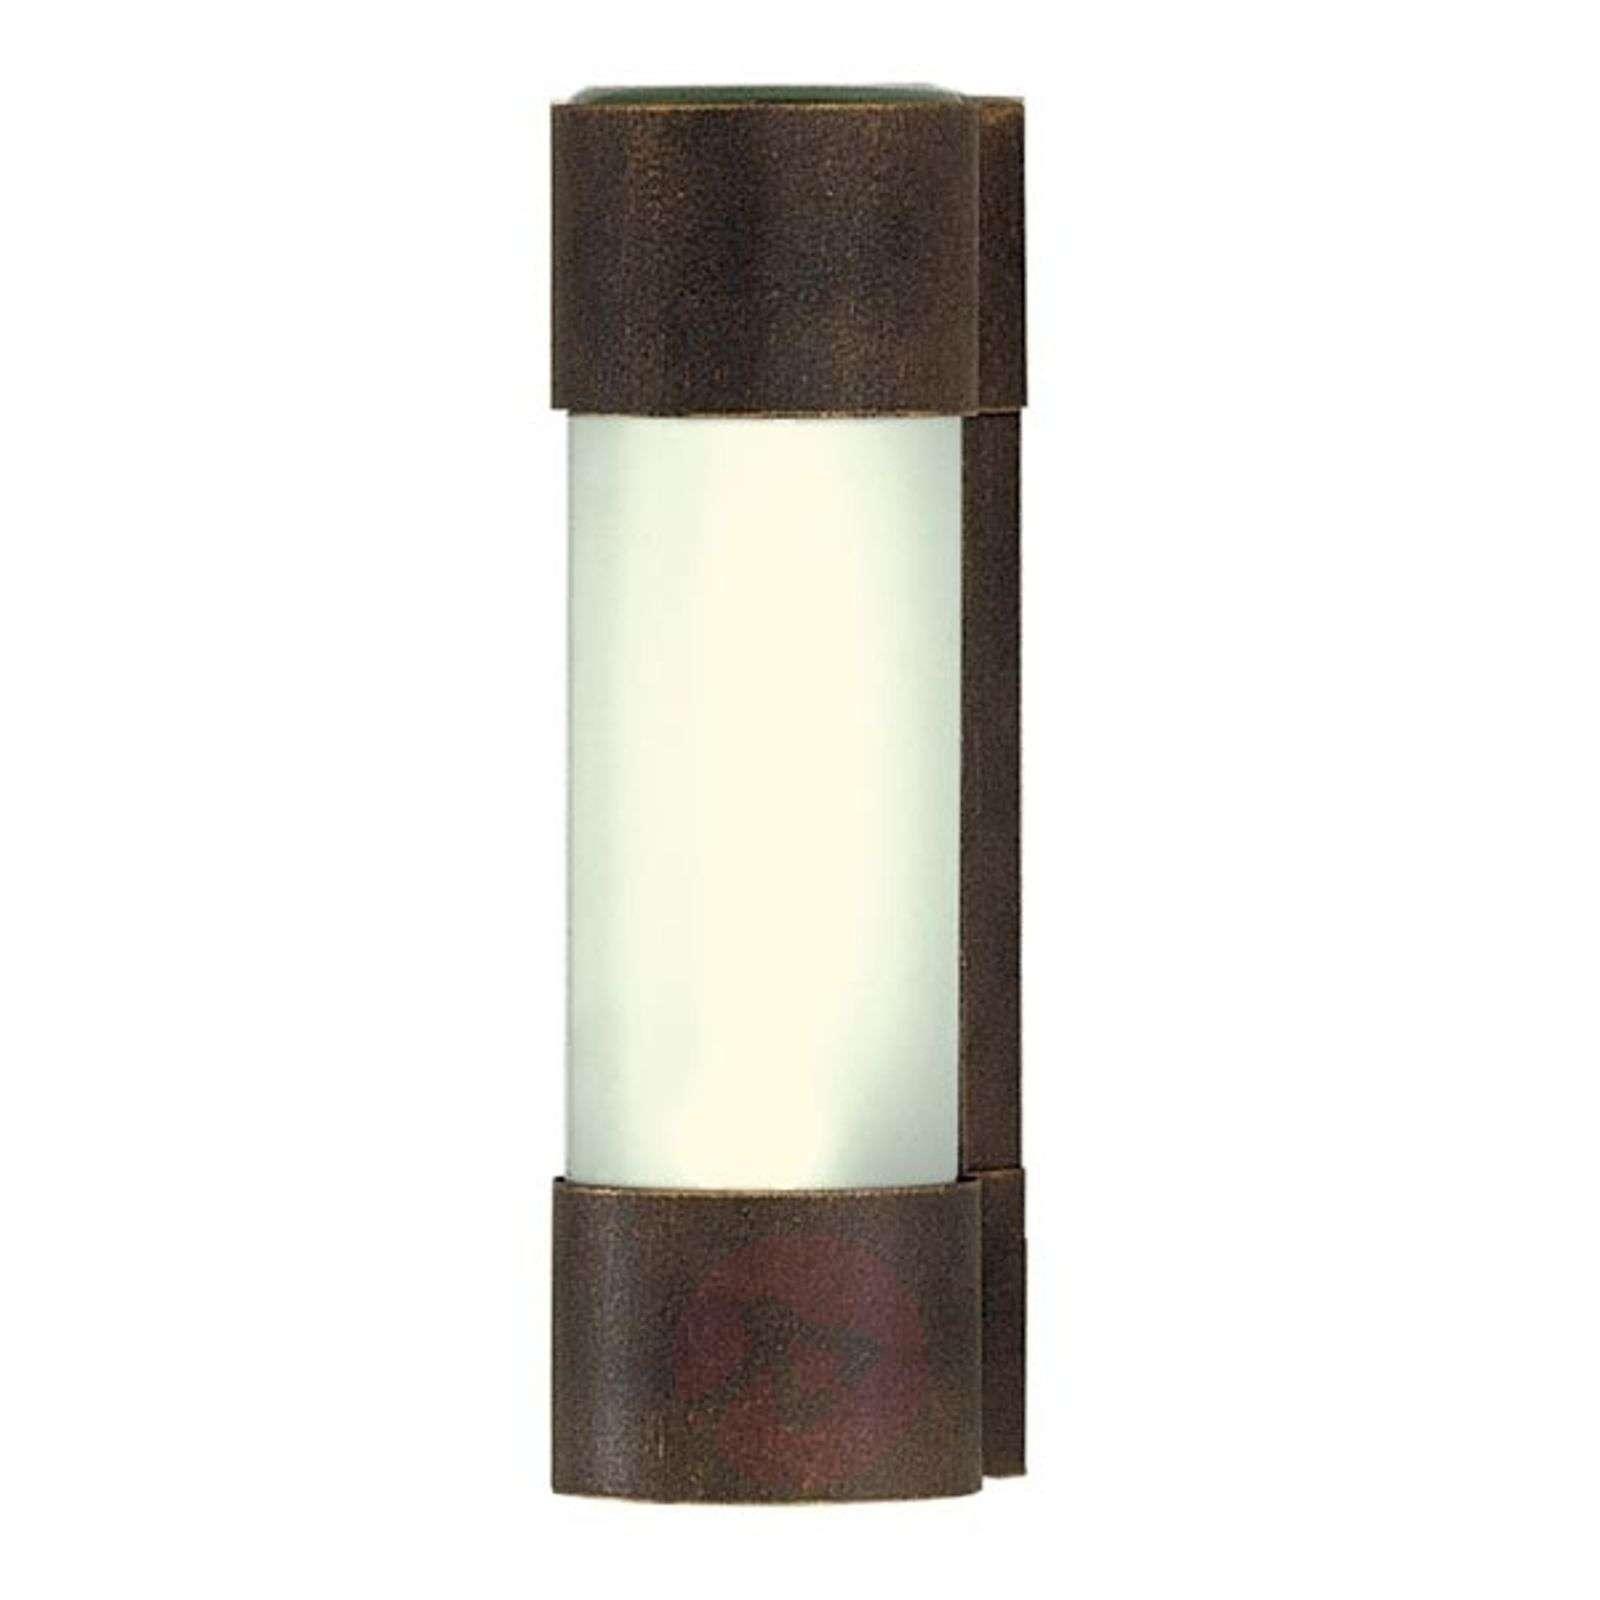 NEPTO-seinävalaisin, ruskea-kultainen patinointi-4502191-01